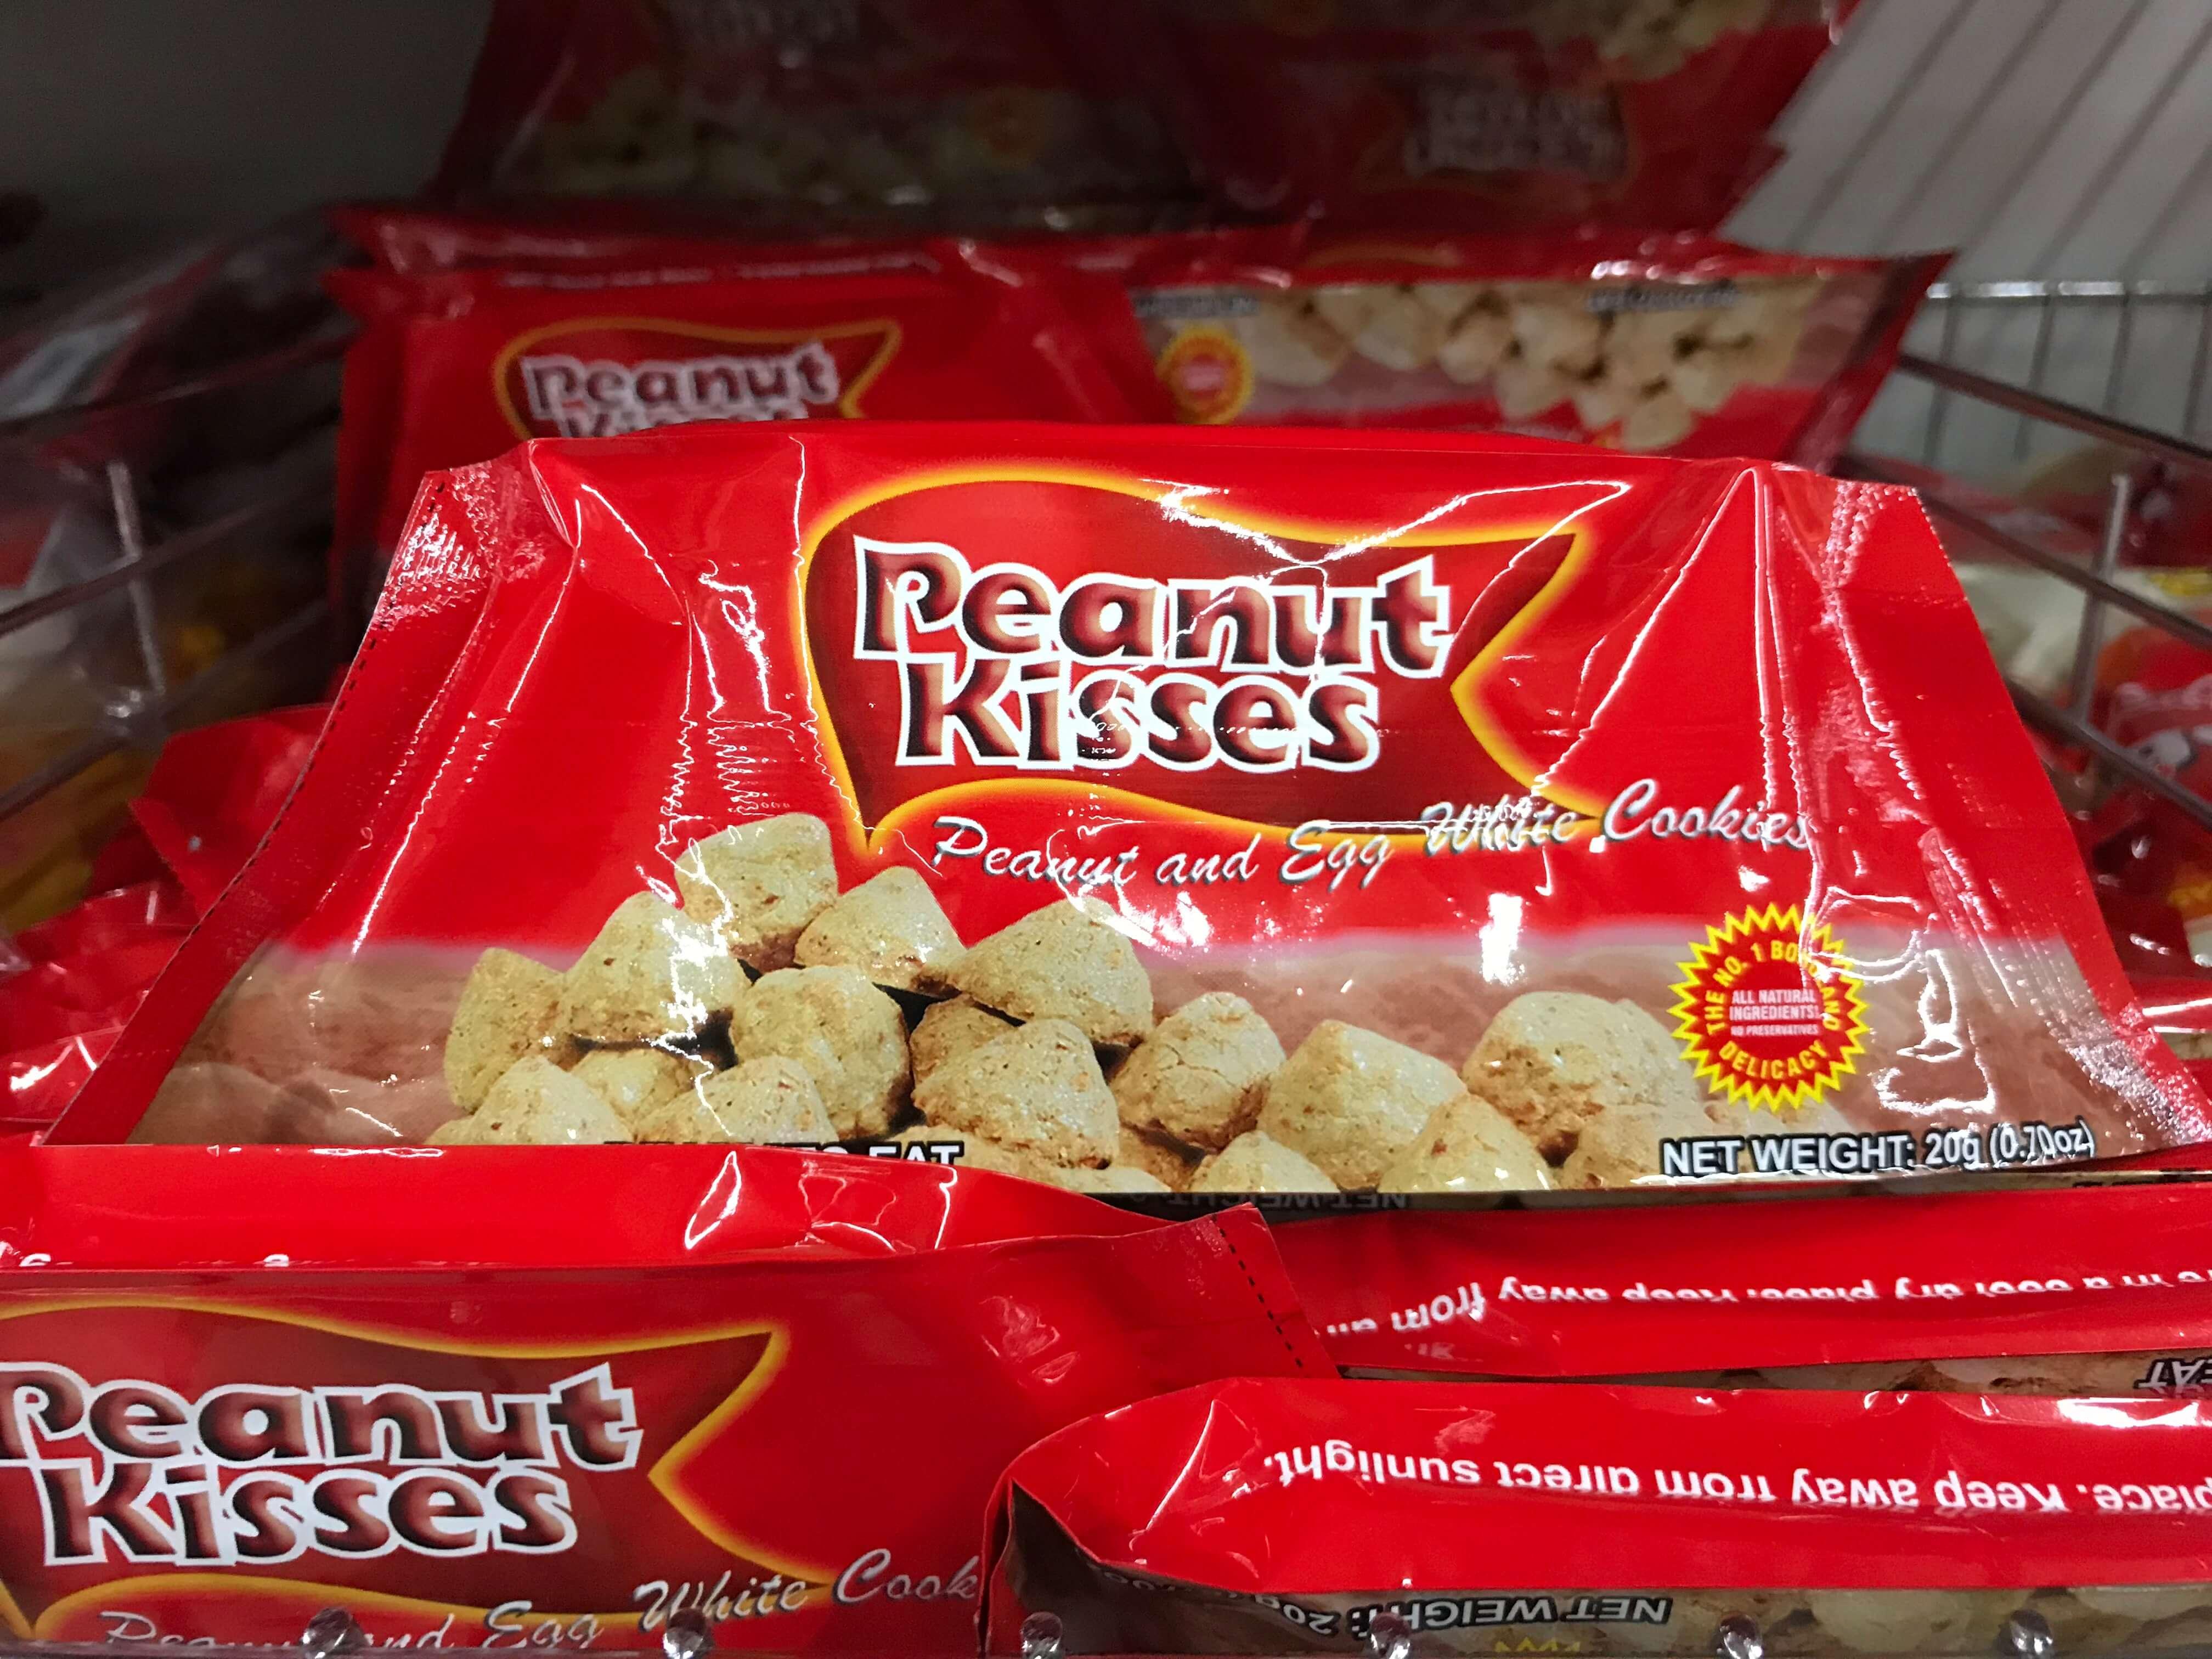 Peanut Kisses